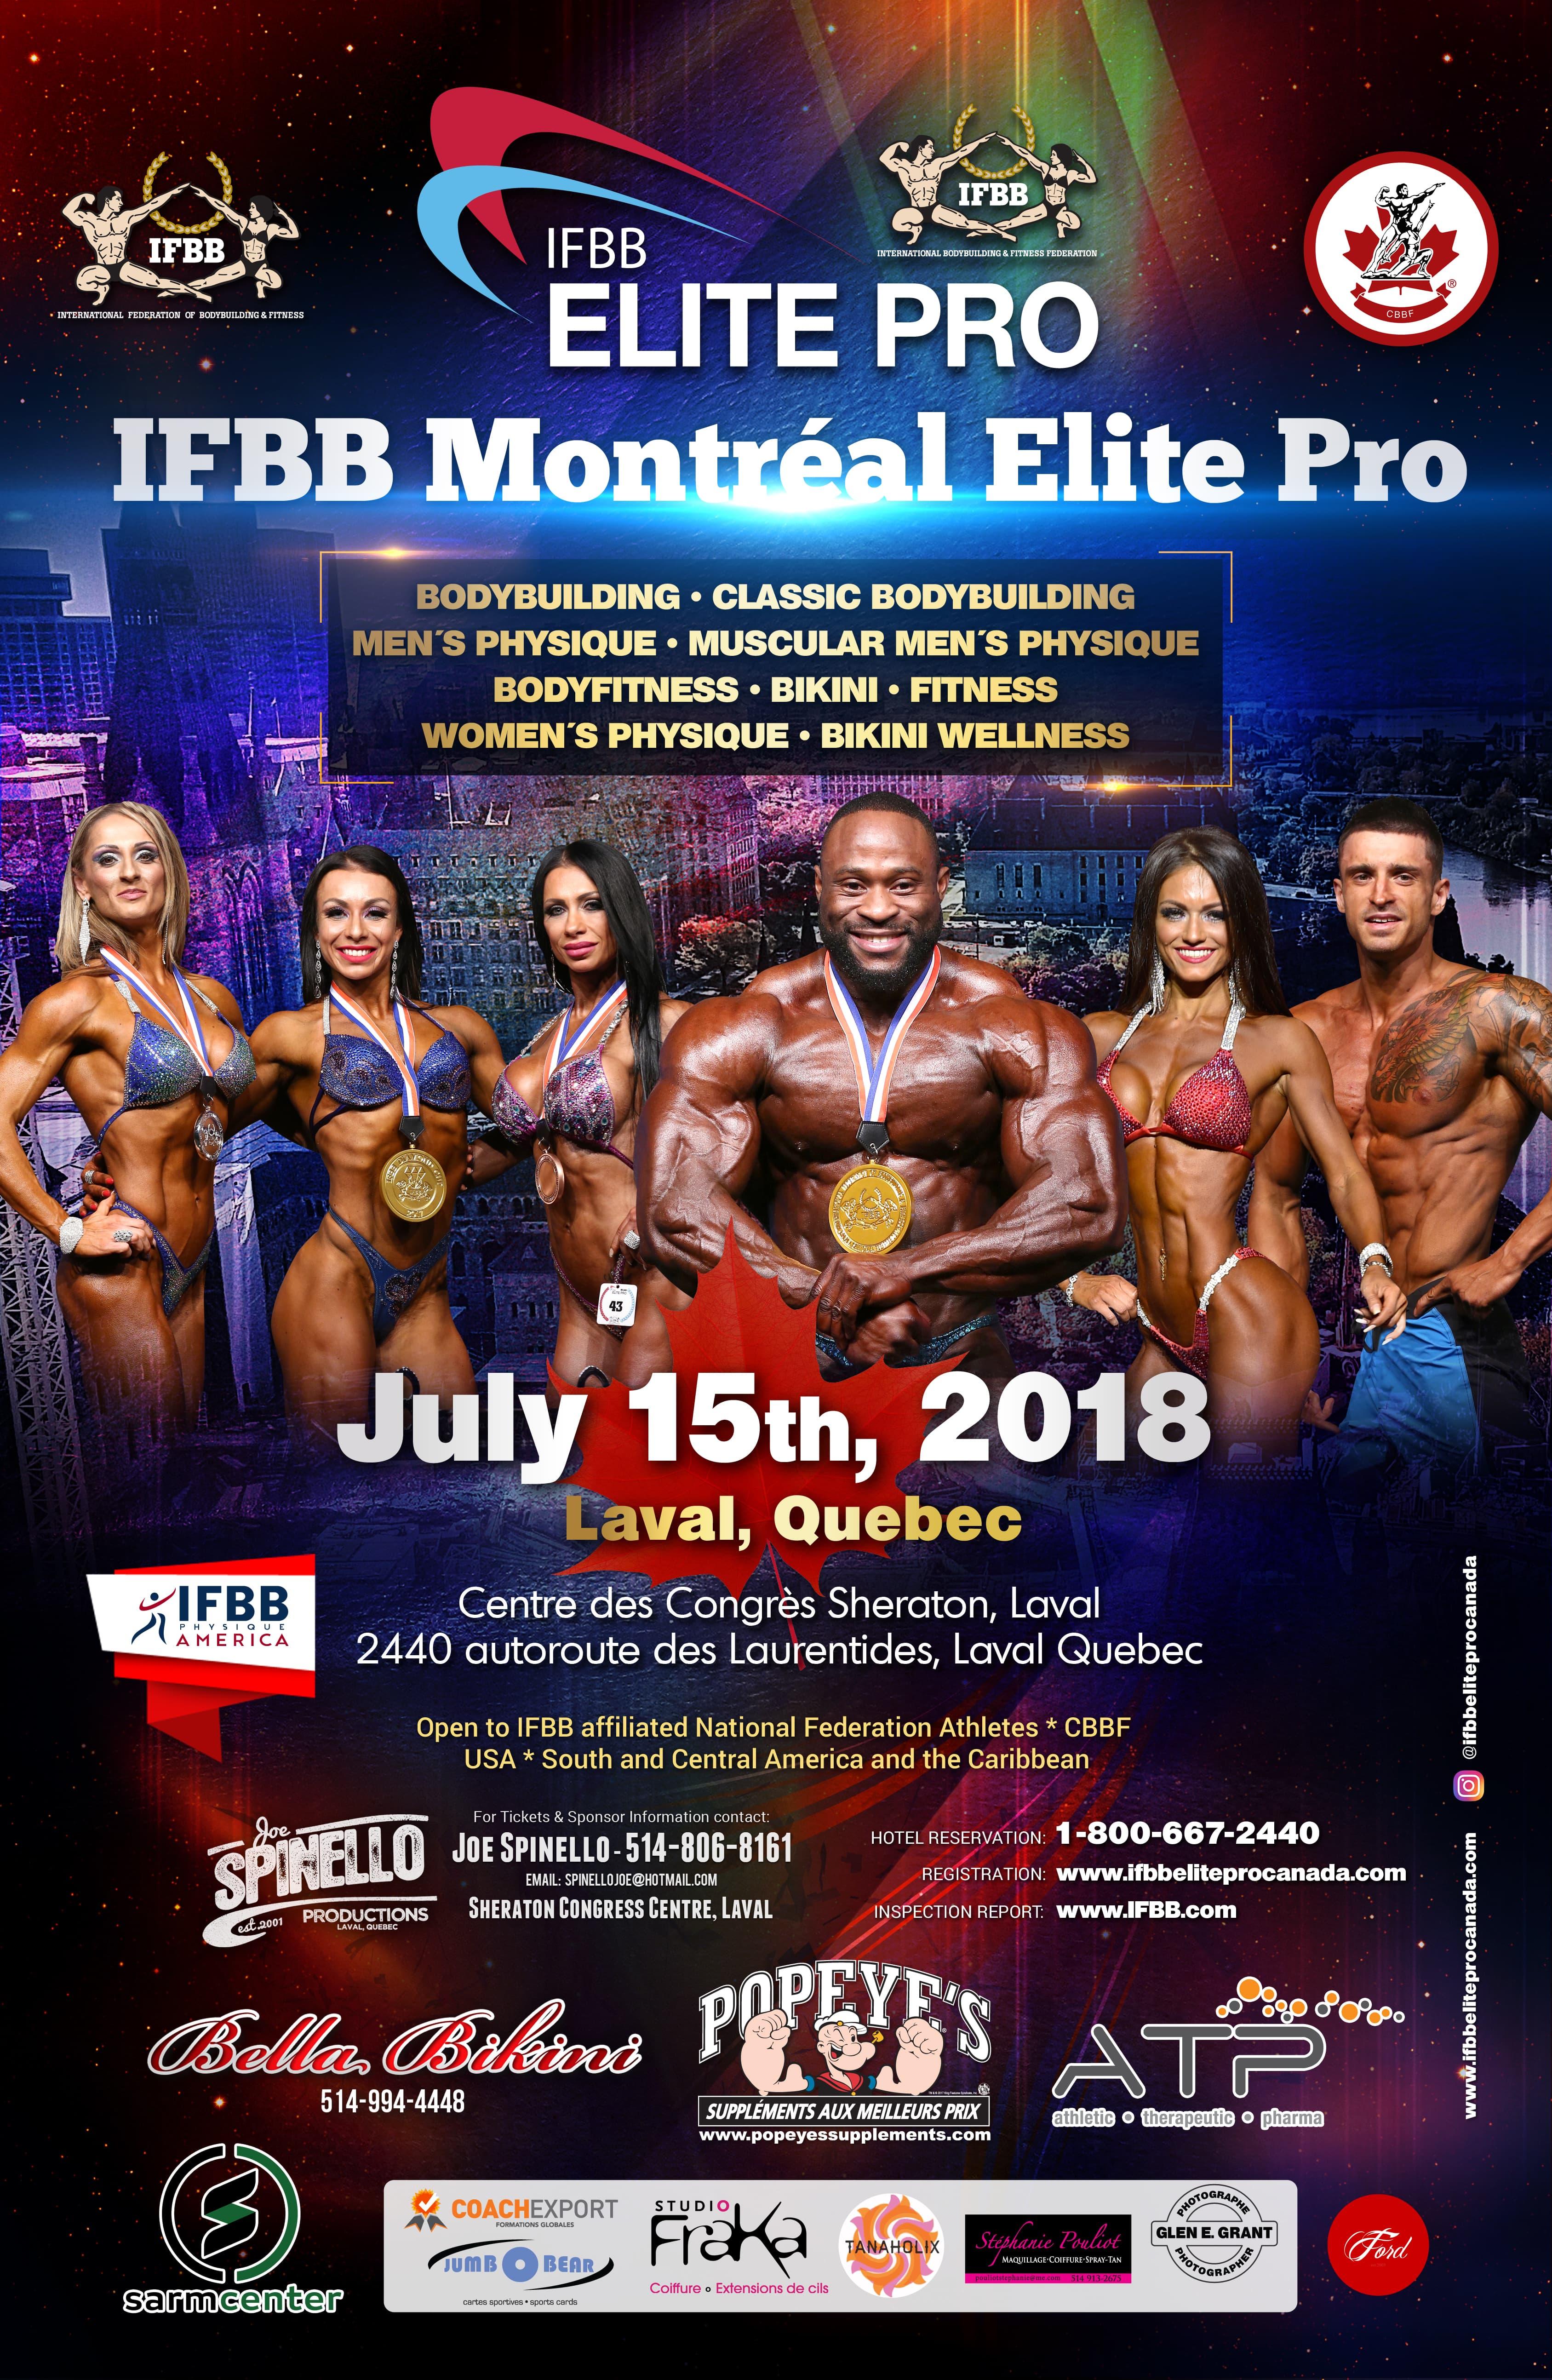 IFBB-Montreal-Elite-Pro-Show 2018